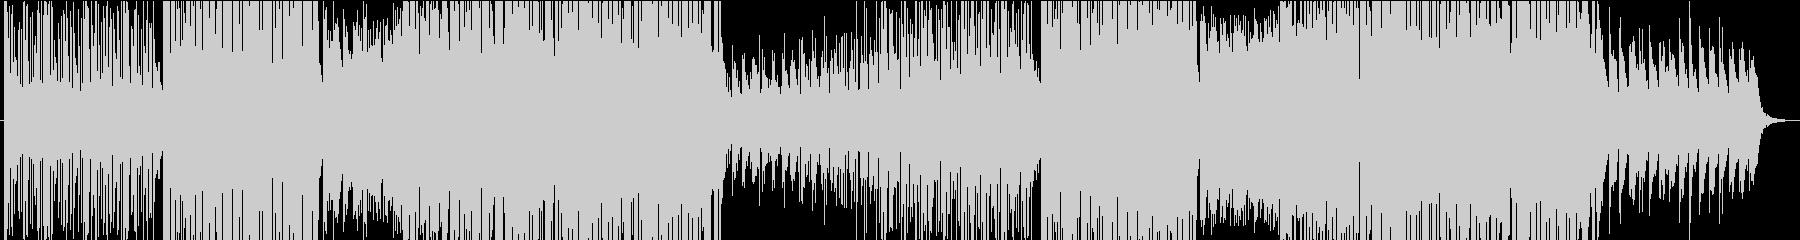 ポジティブなトロピカルハウスで気分転換の未再生の波形